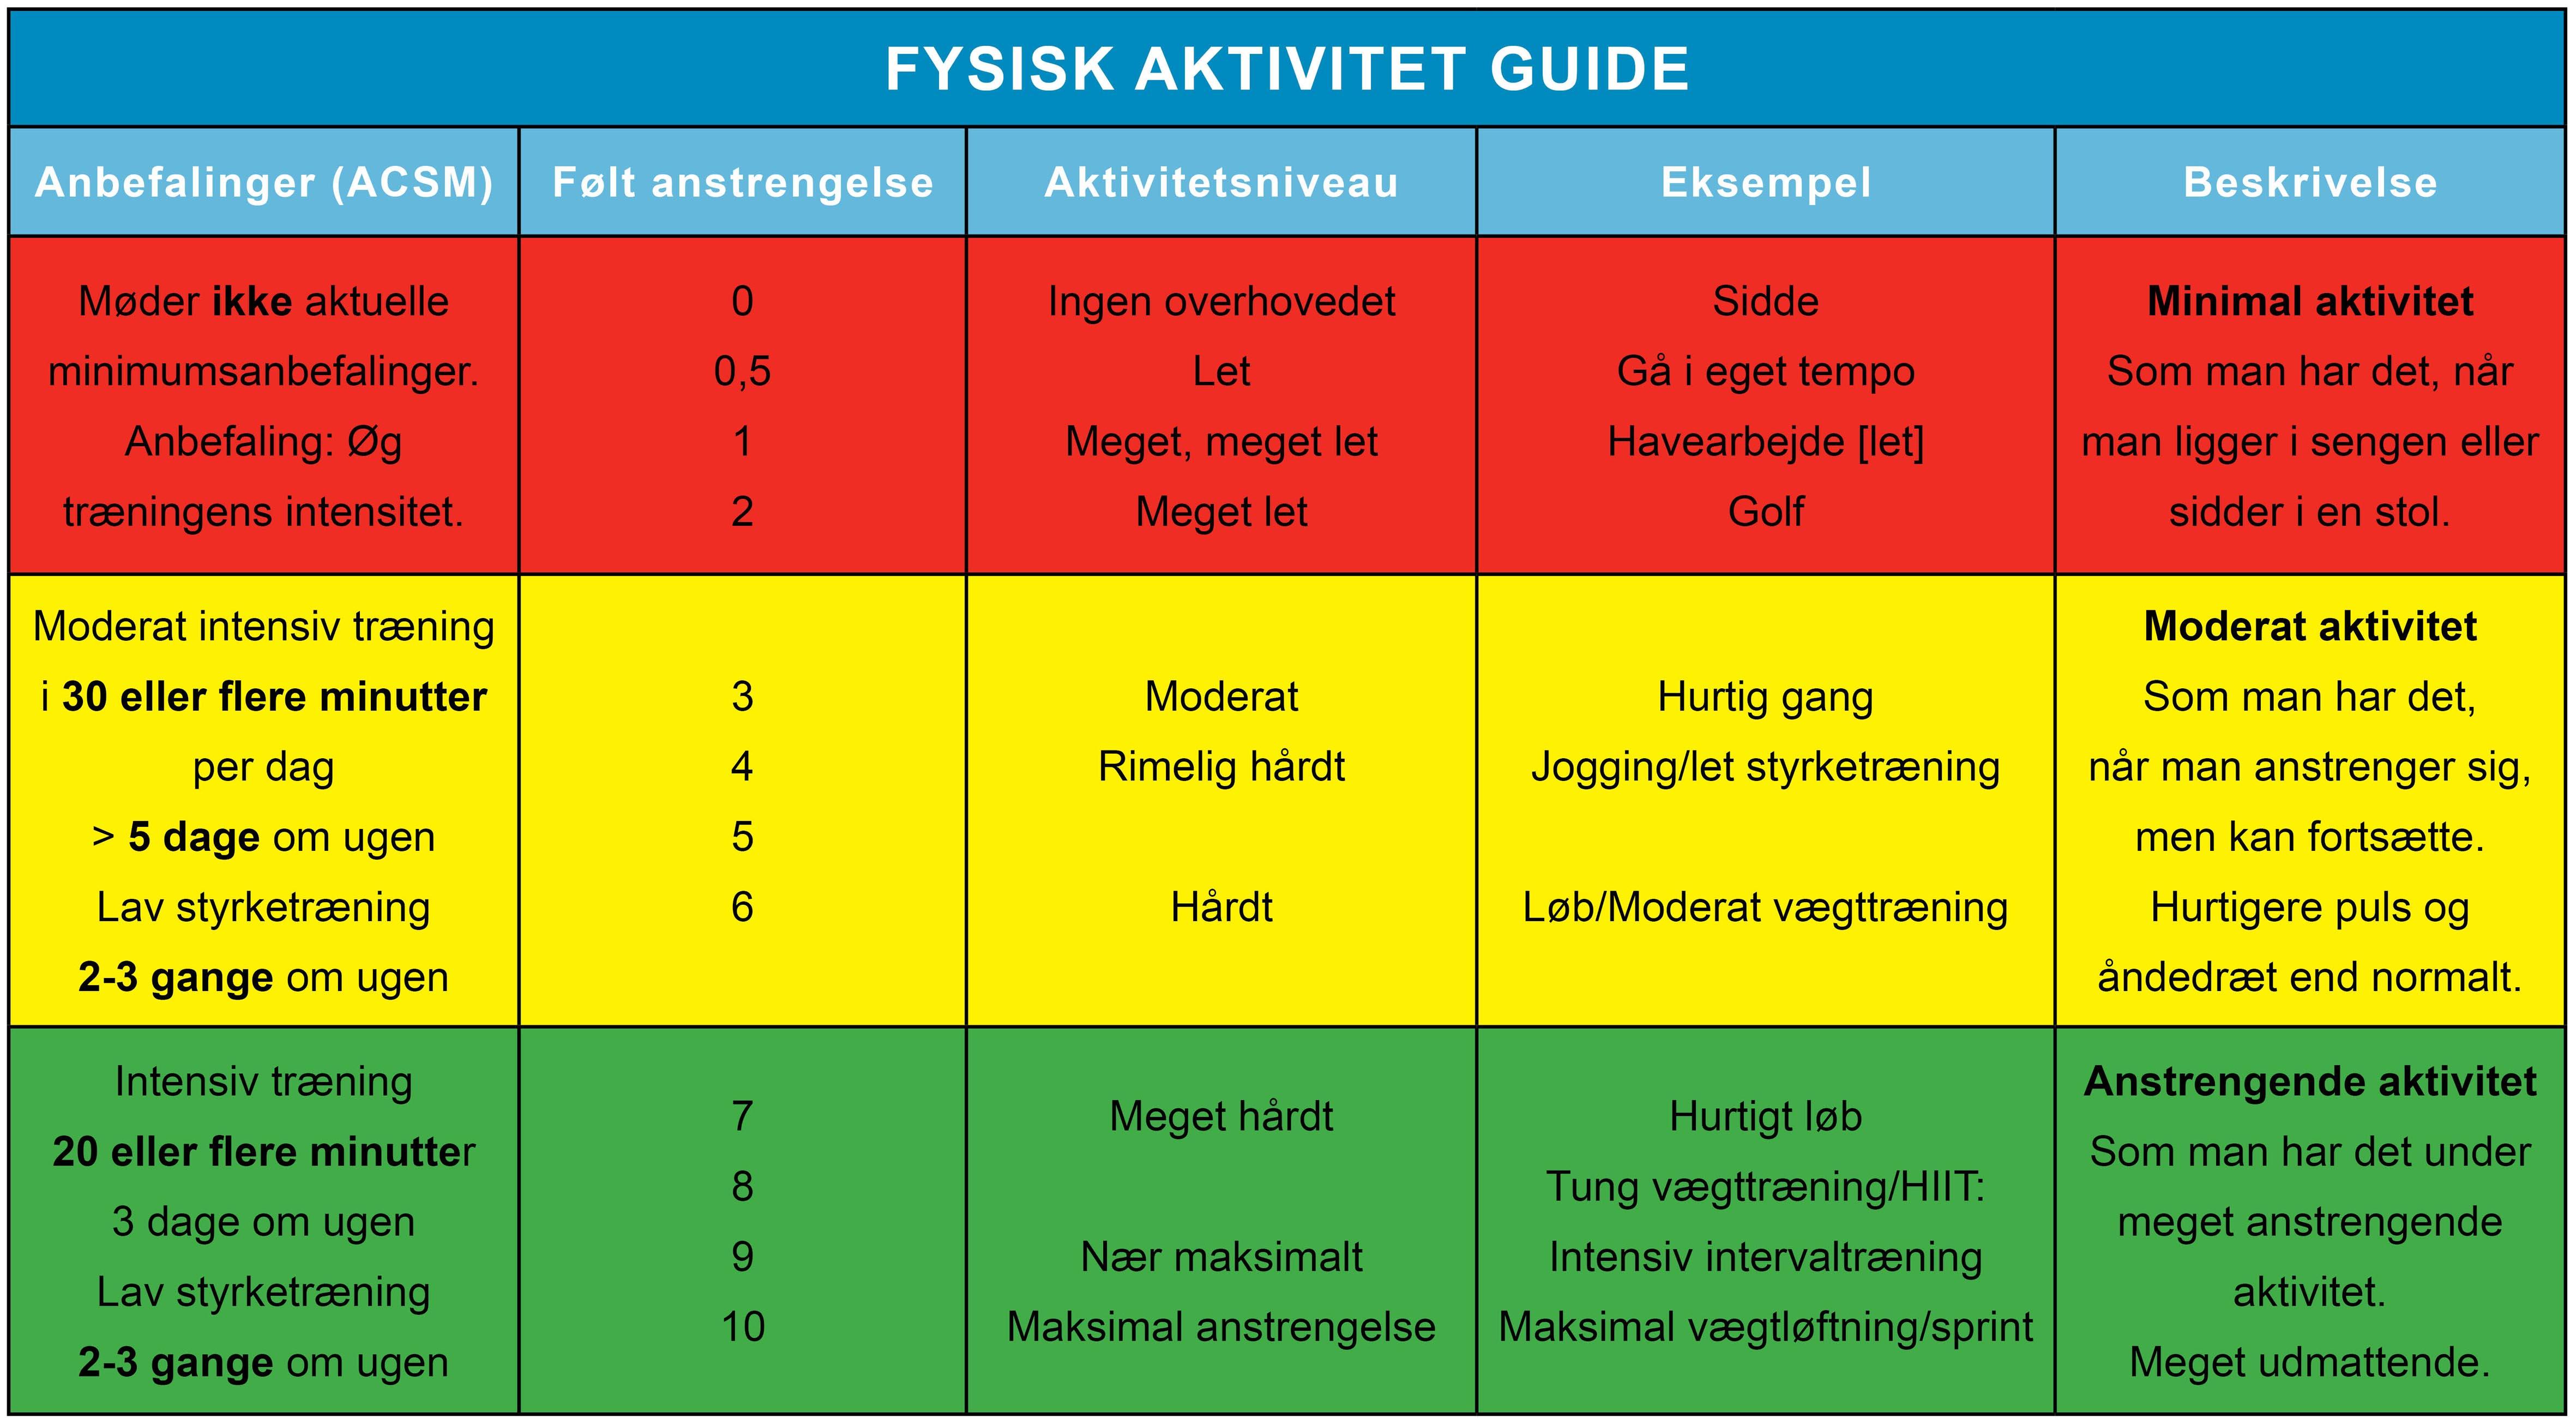 anbefalinger for fysisk aktivitet